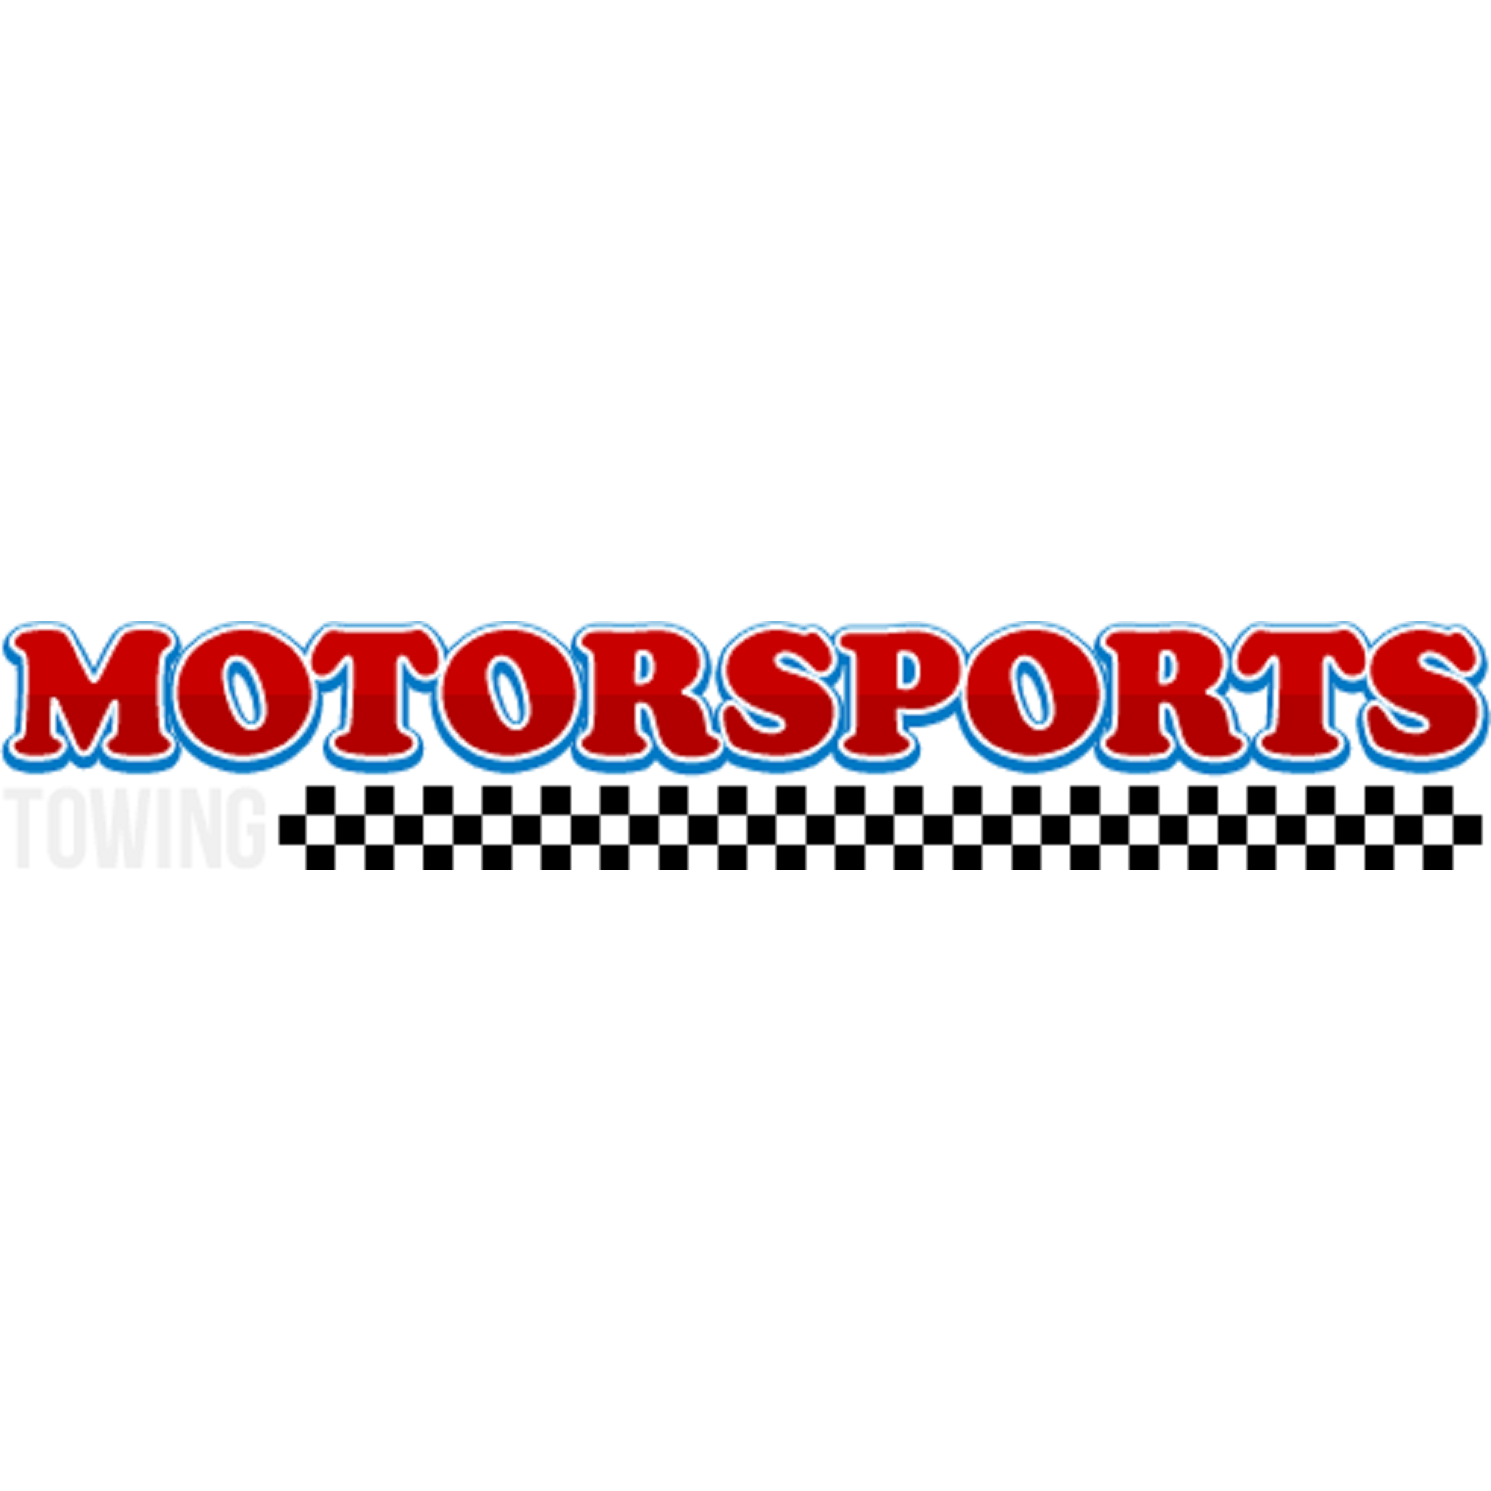 Motorsports Towing - Denton, TX - Auto Towing & Wrecking